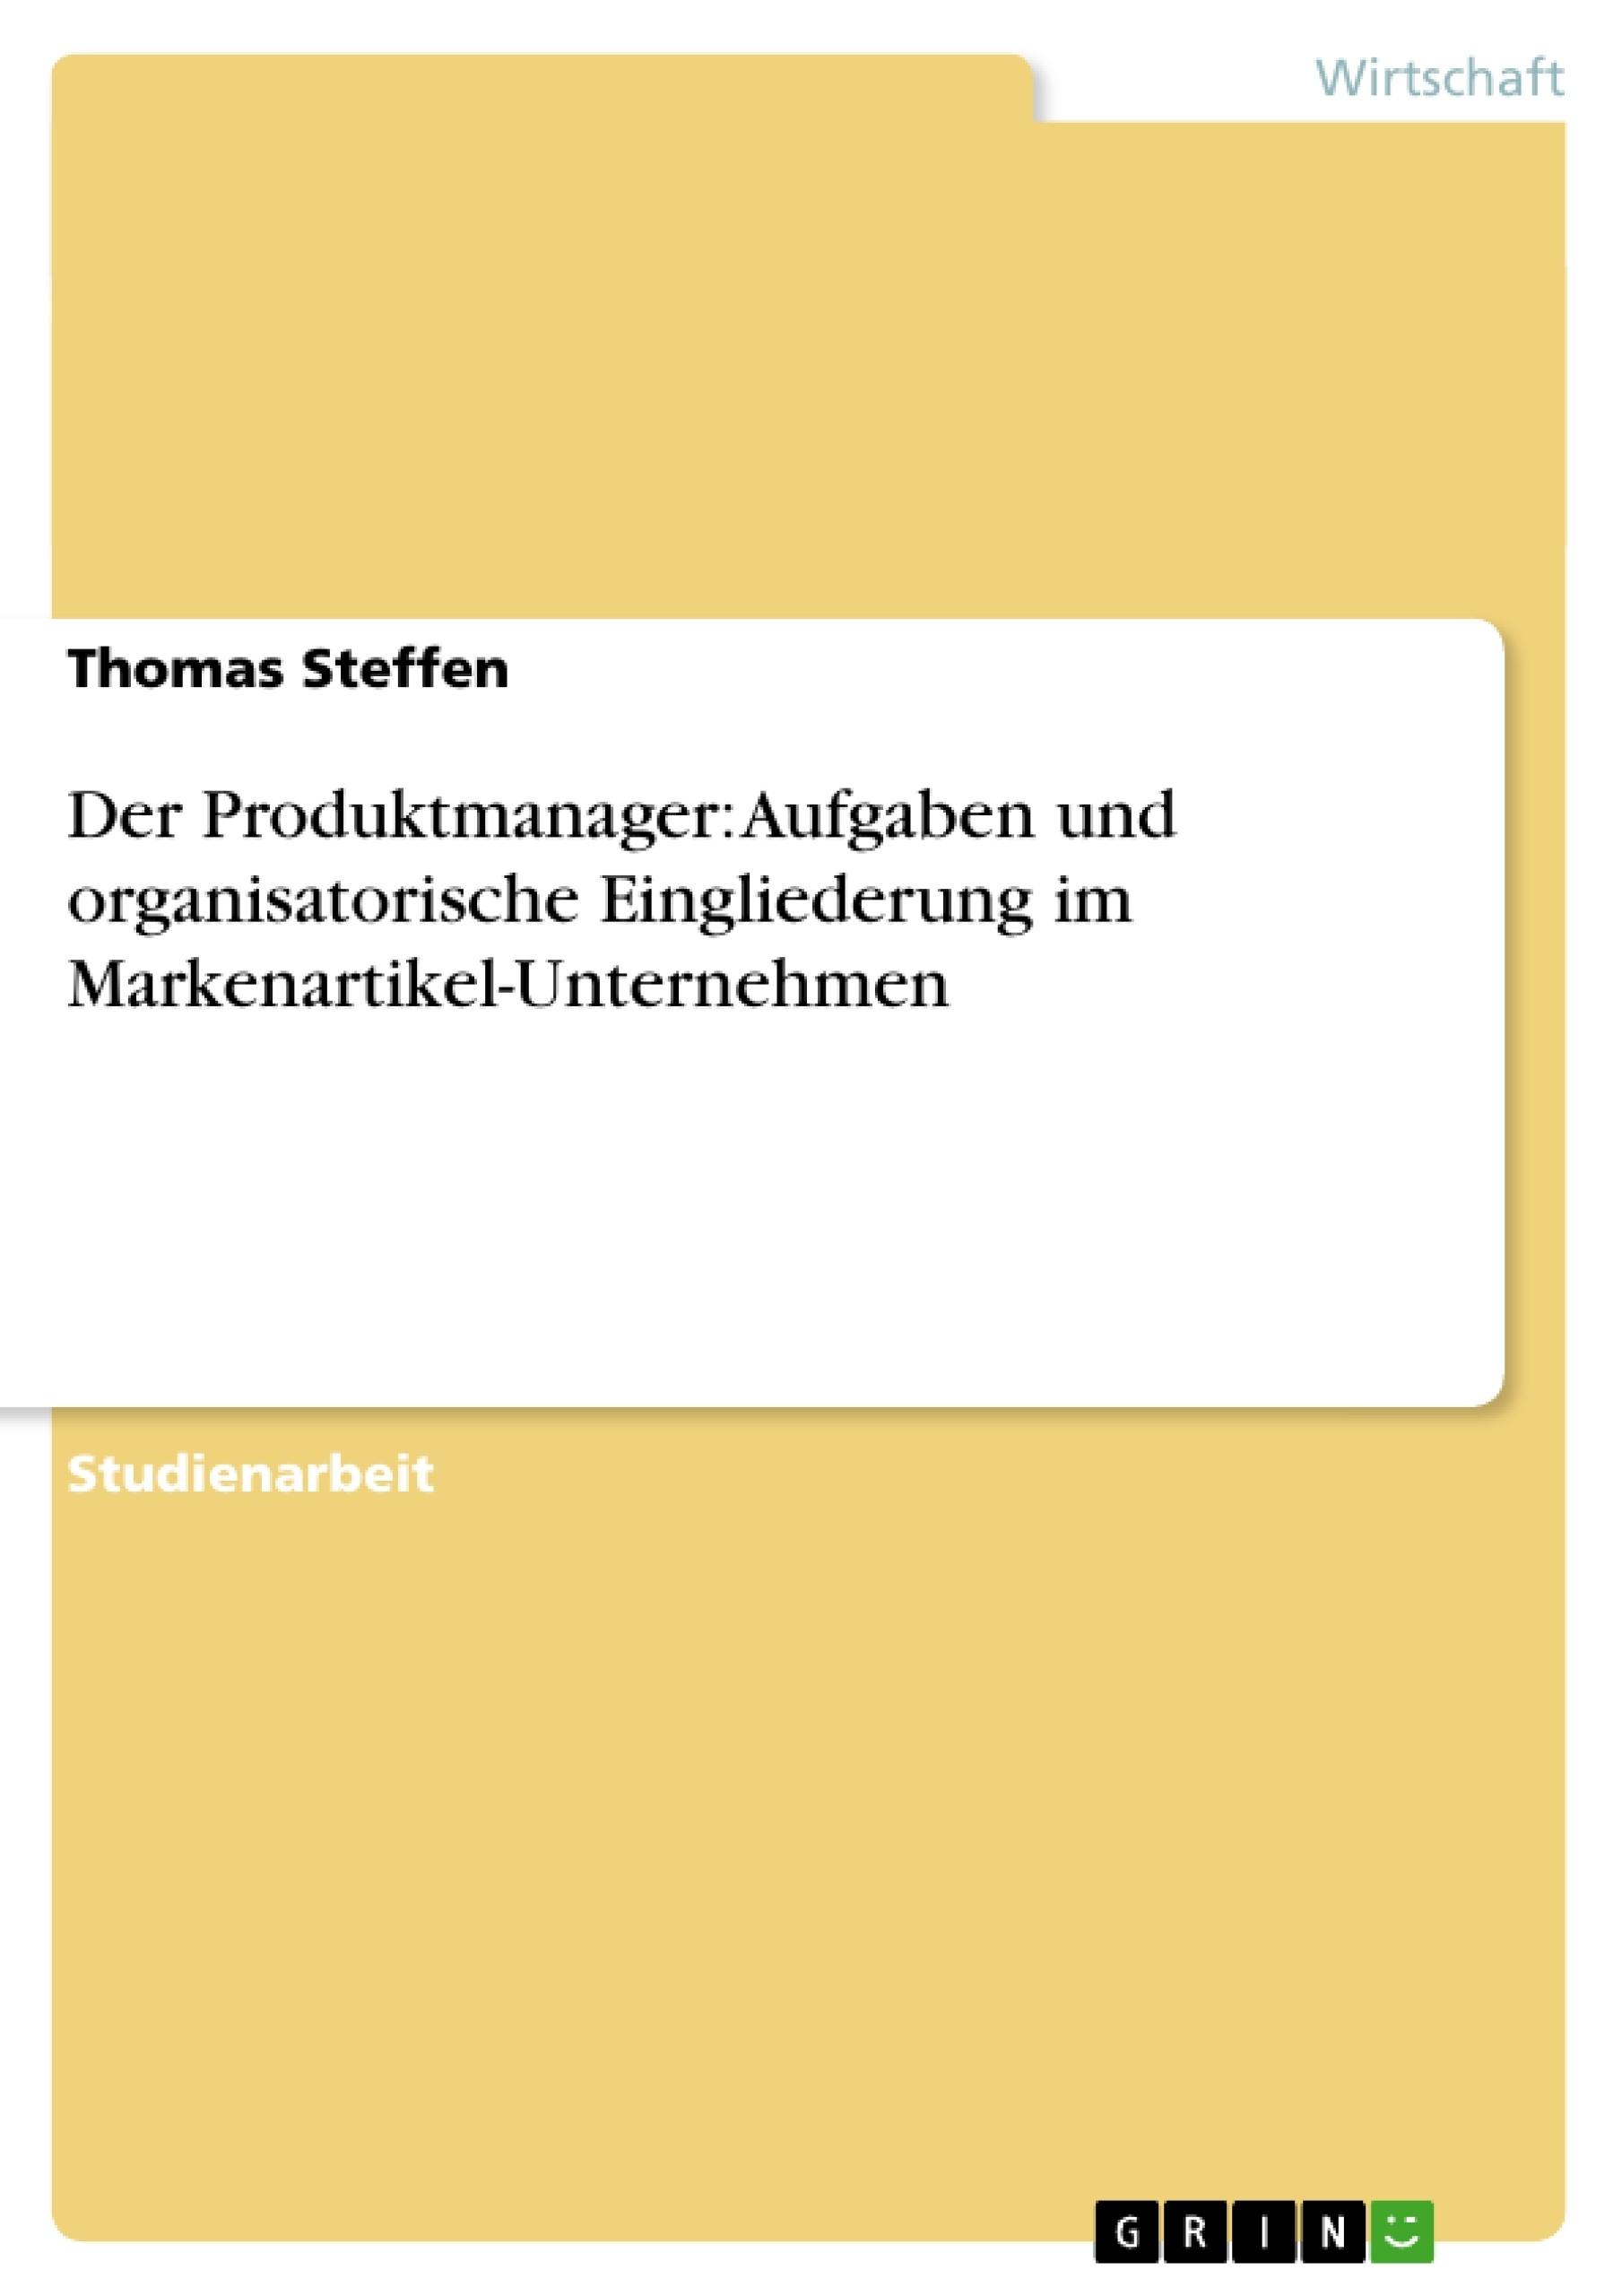 Titel: Der Produktmanager: Aufgaben und organisatorische Eingliederung im Markenartikel-Unternehmen